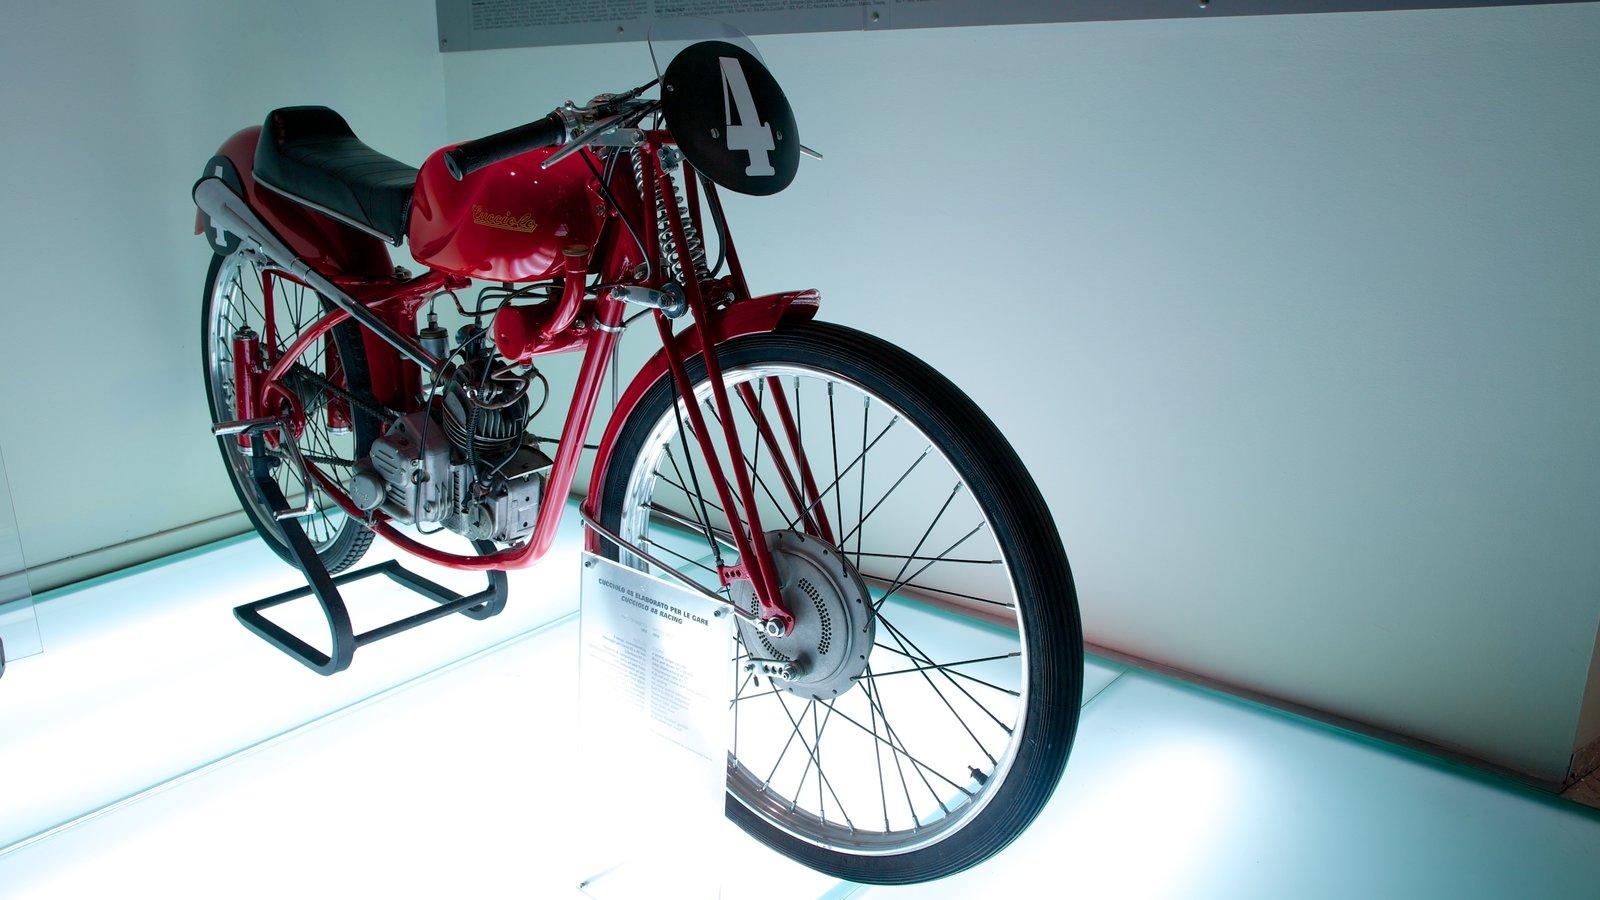 Ducati Museum featuring interior views